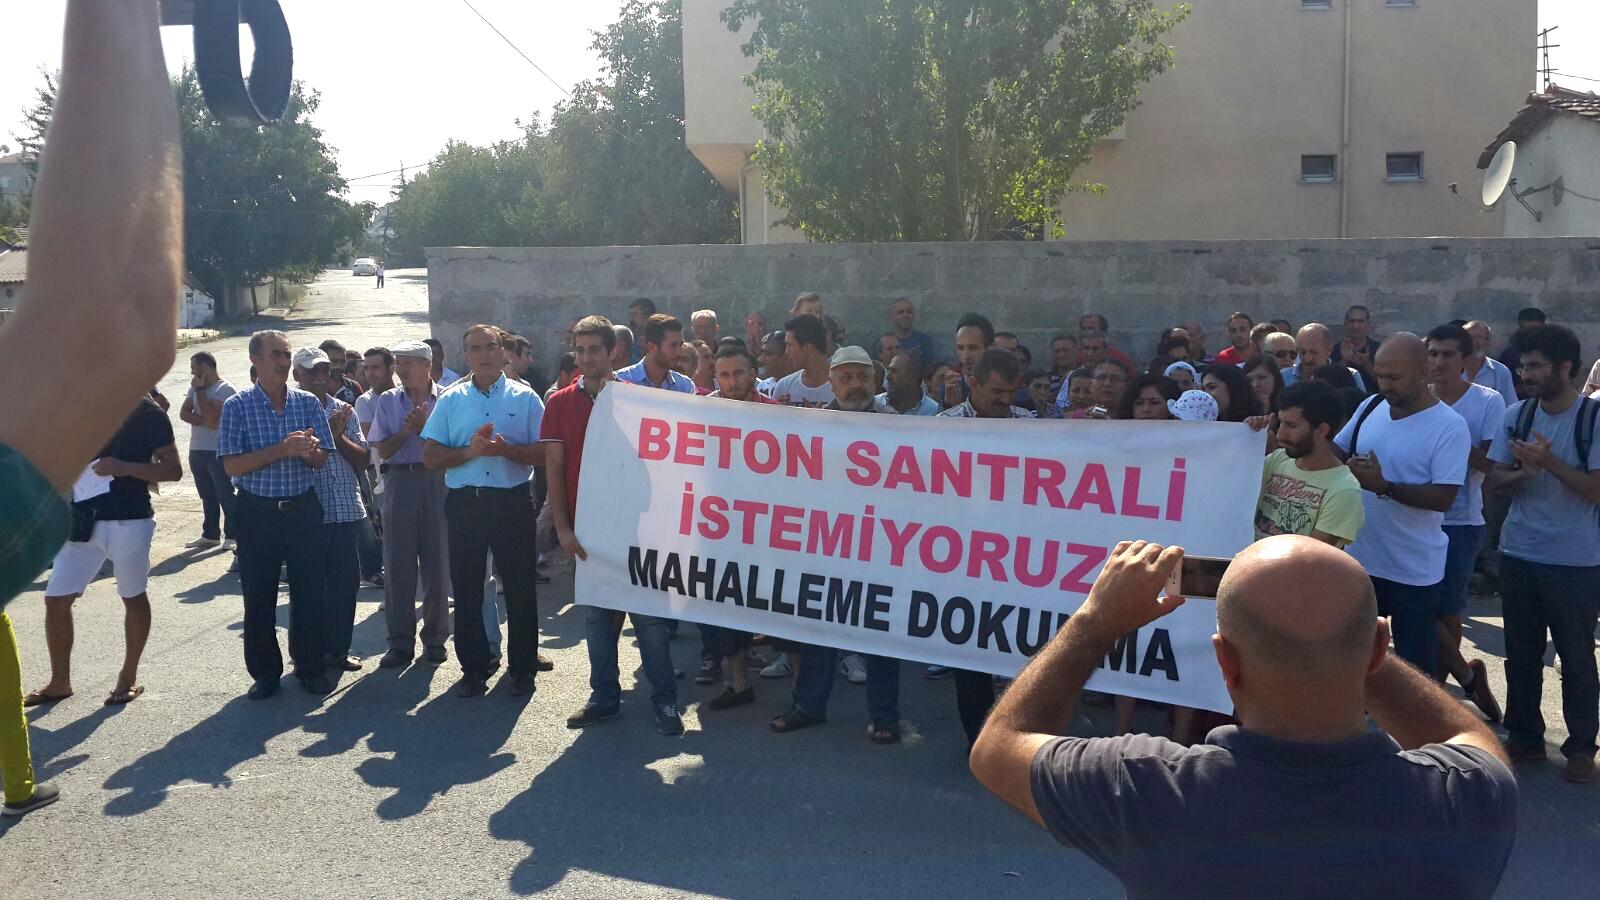 Esentepe ve Gazi Mahallesi halkı beton santraline karşı yürüdü